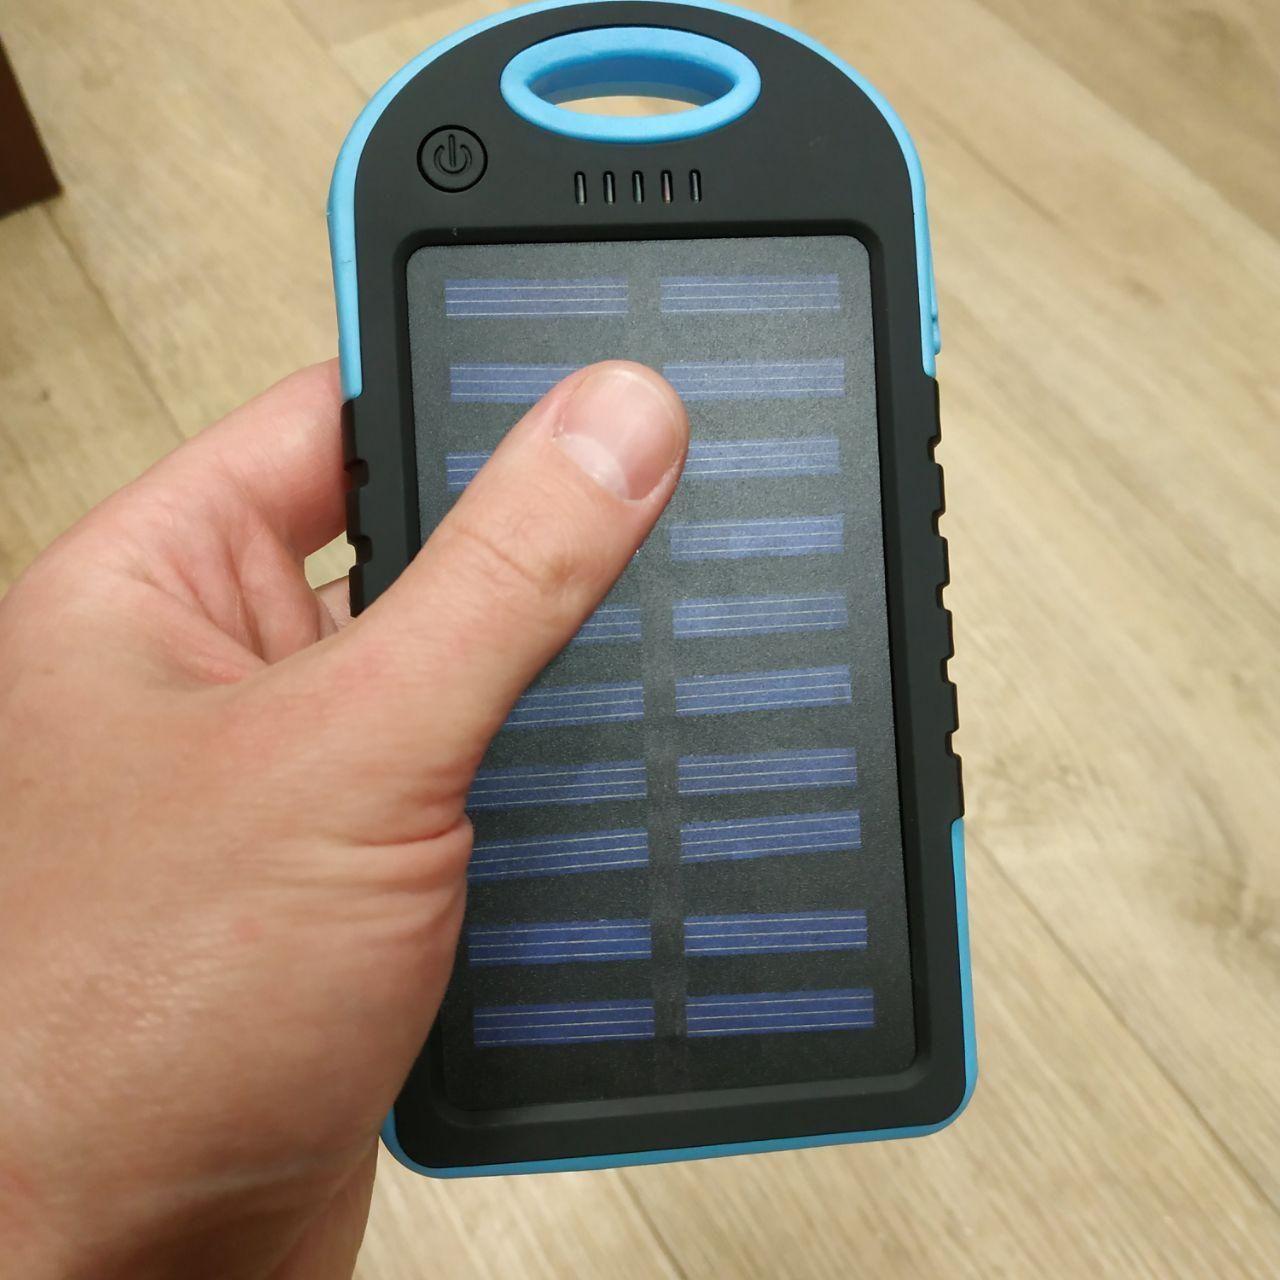 Power Bank Solar Samsung Charger 20 700 mAh Солнечное зарядное повер банк внешний аккумулятор Самсунг, фото 1